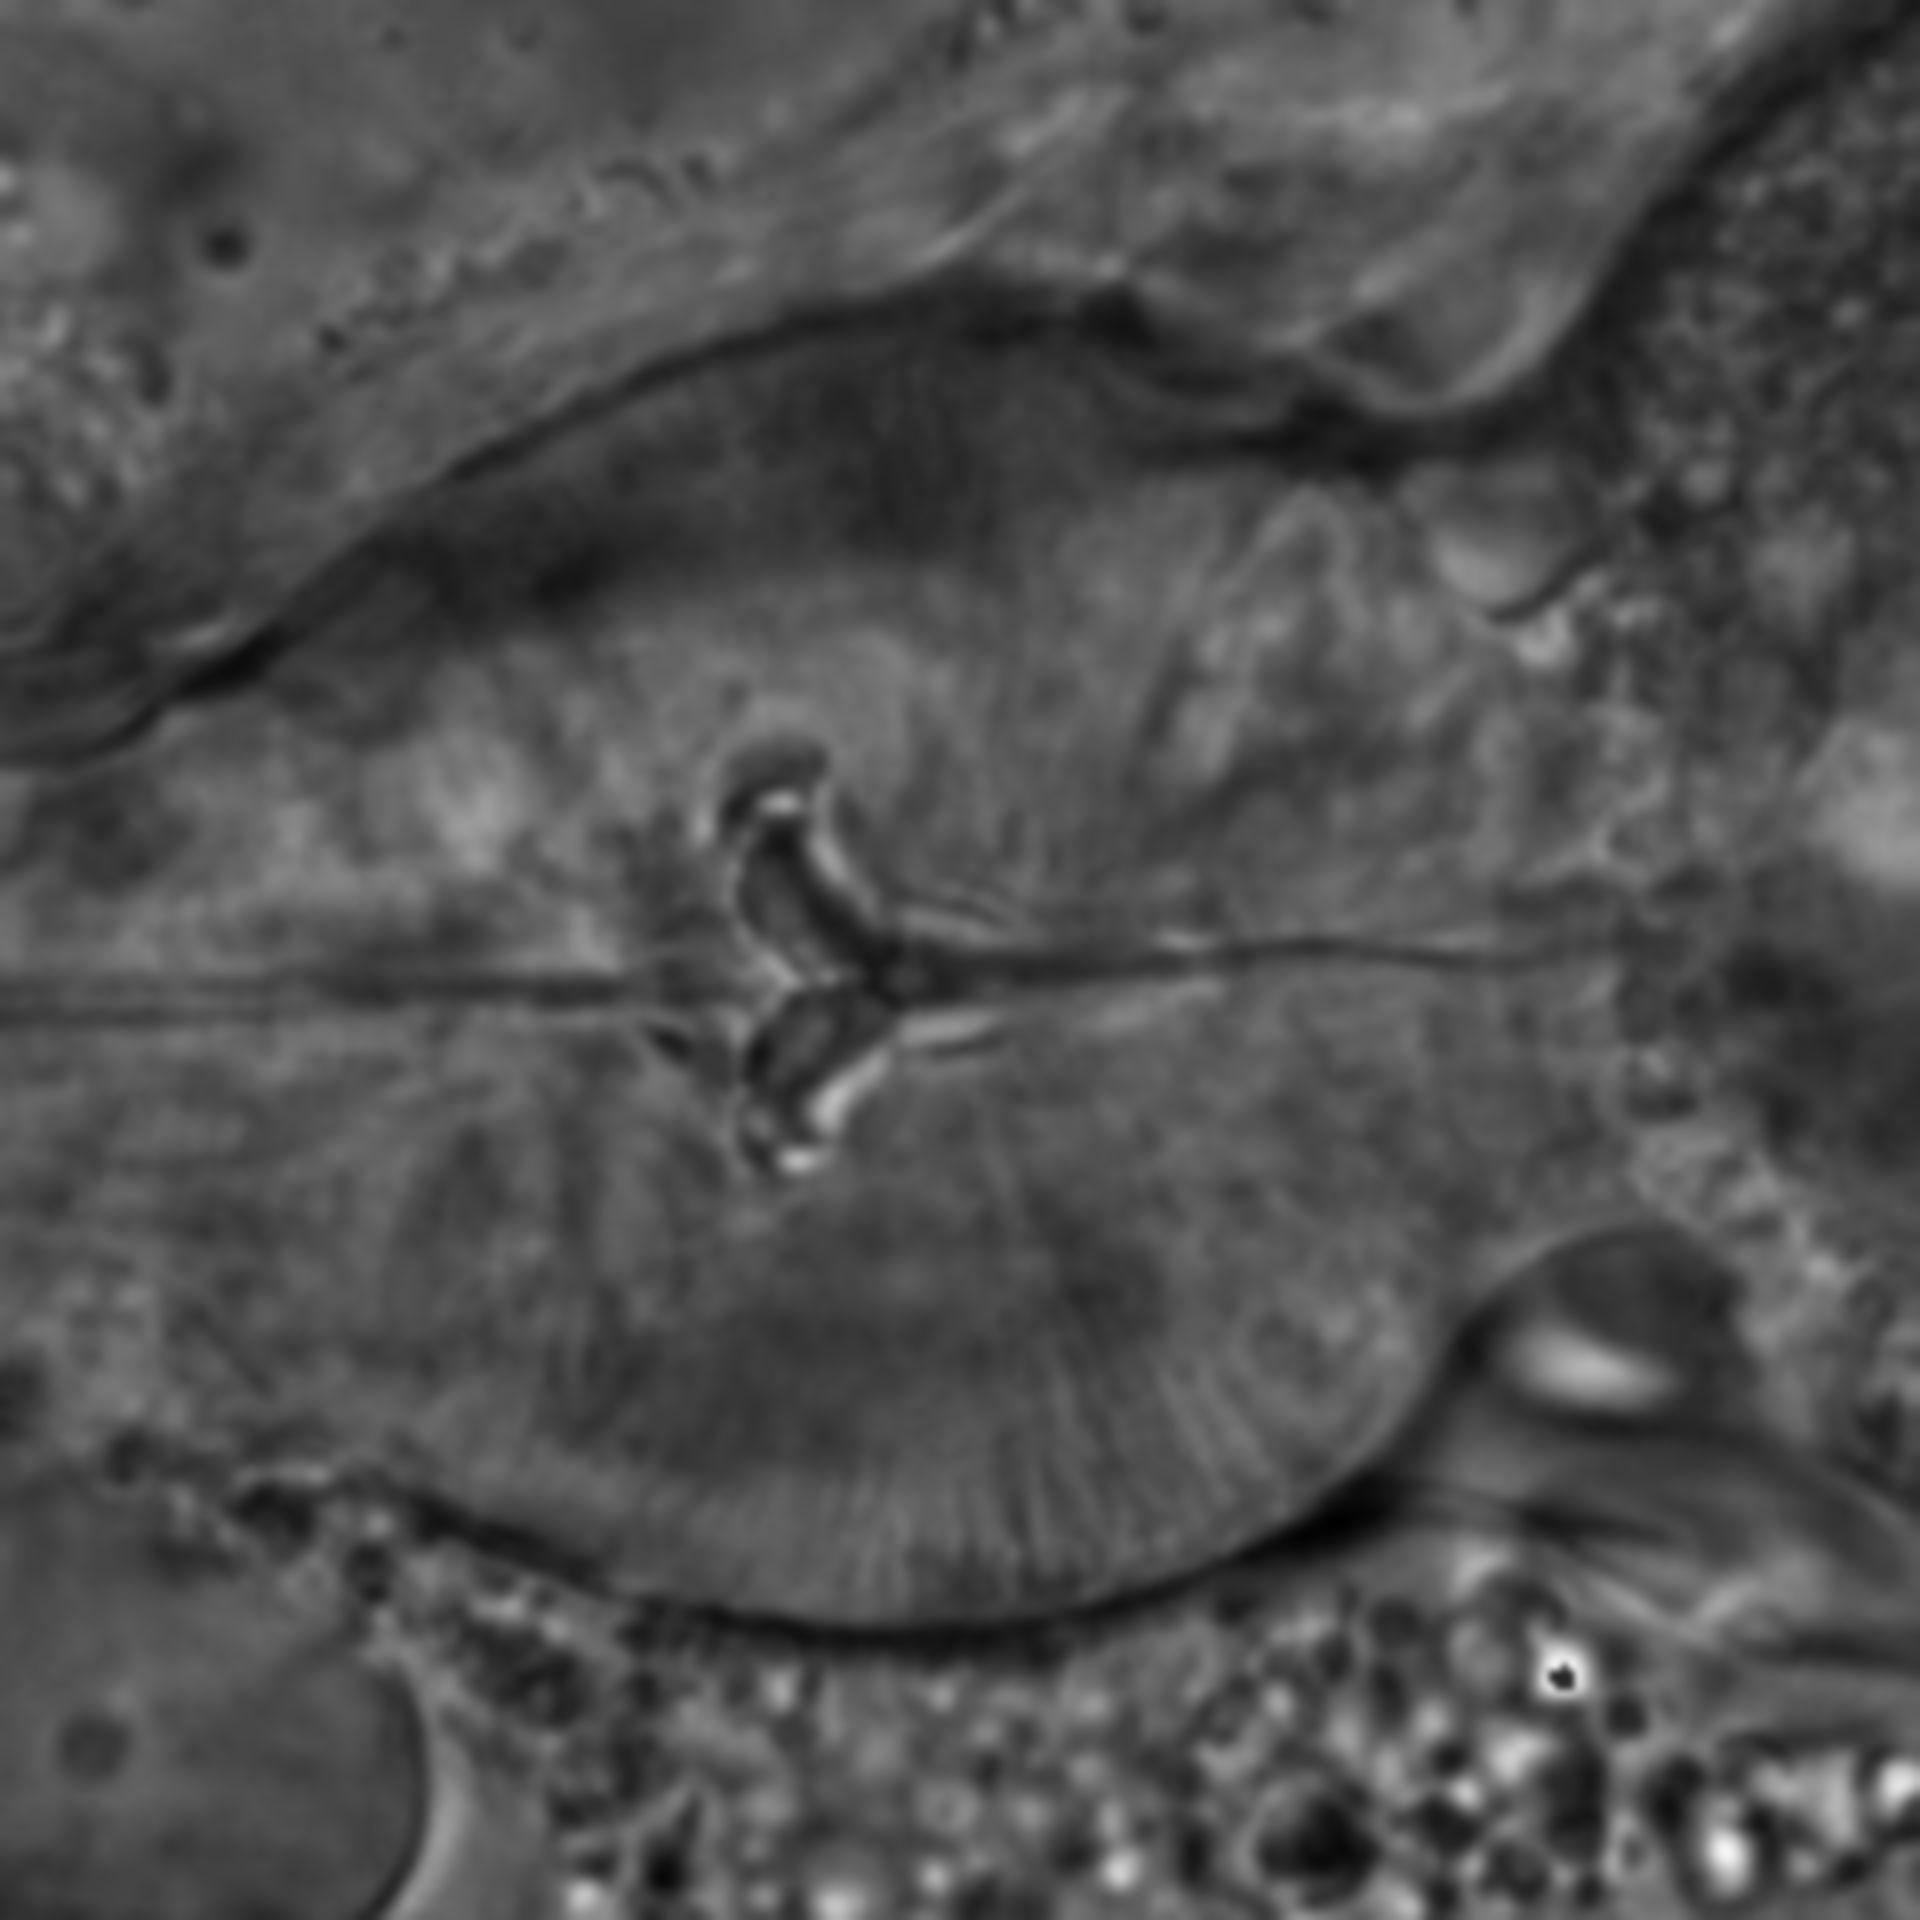 Caenorhabditis elegans - CIL:1745